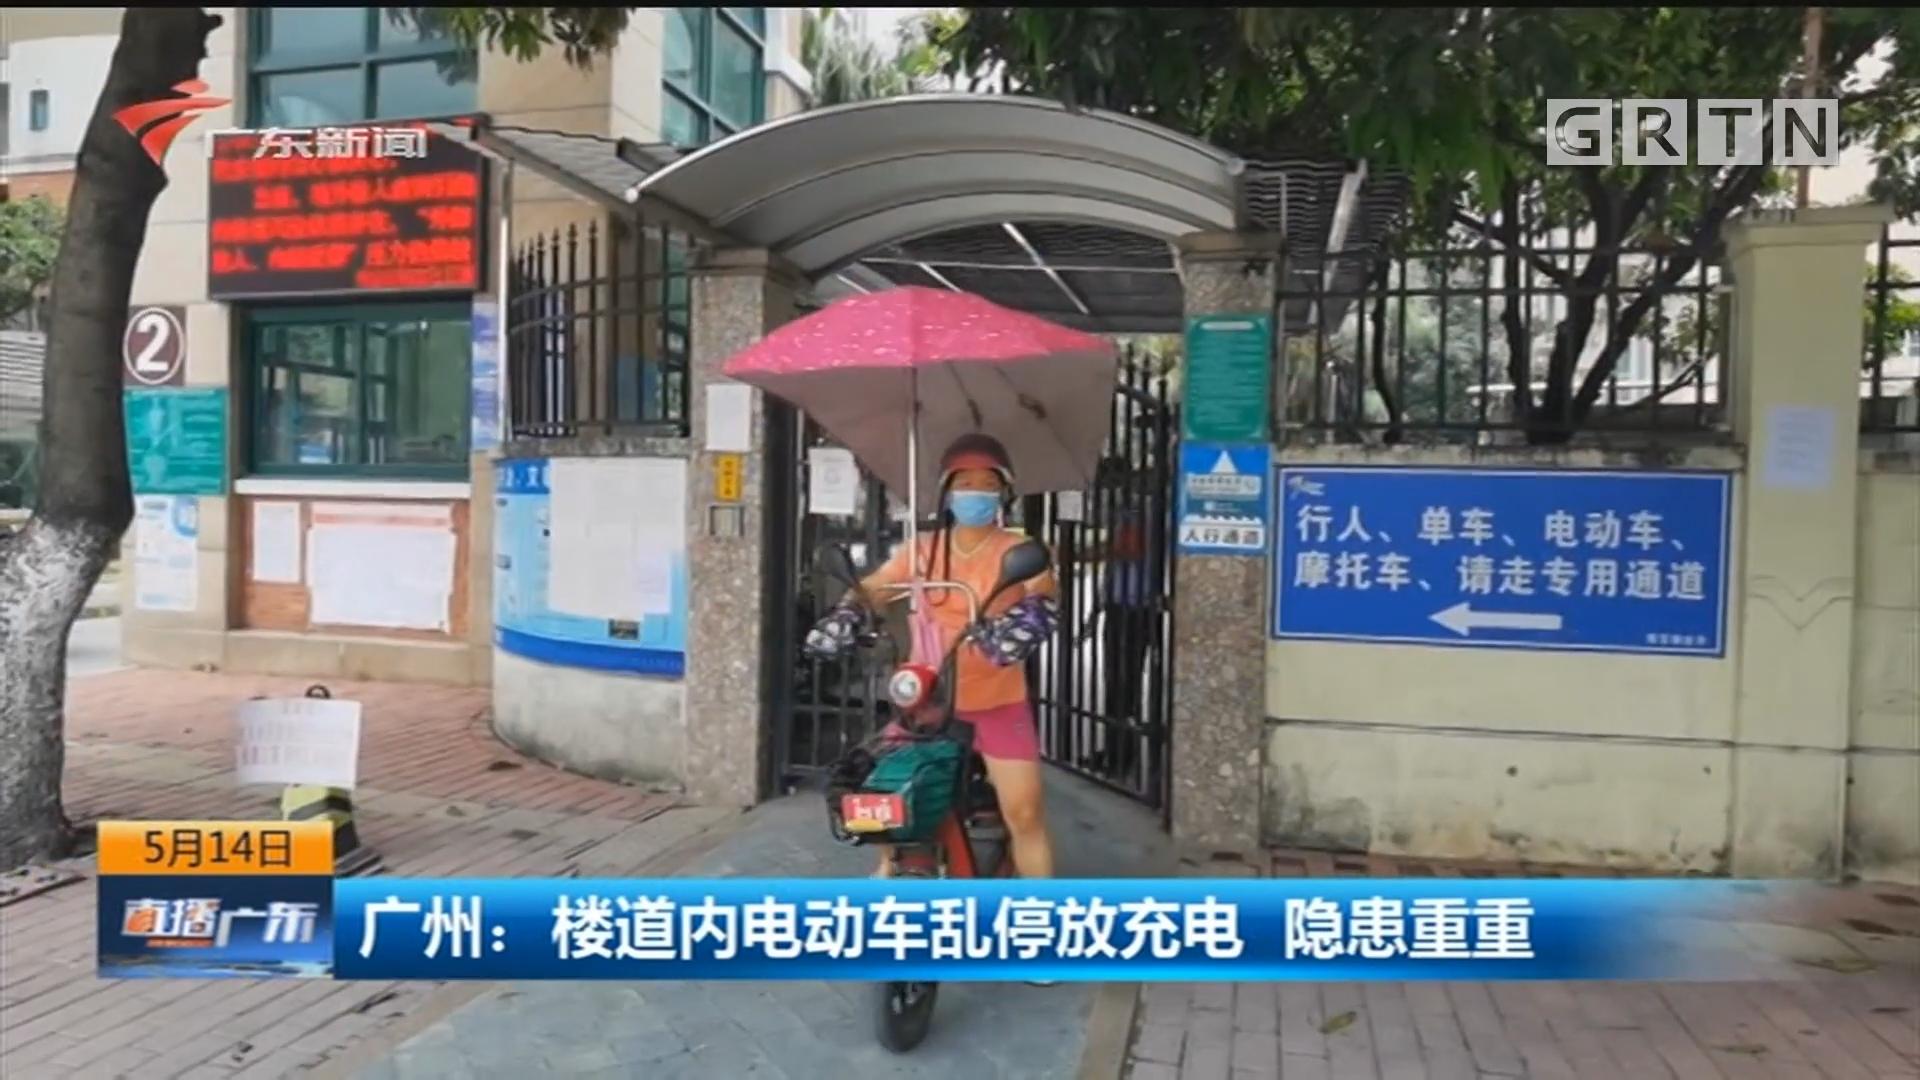 广州:楼道内电动车乱停放充电 隐患重重